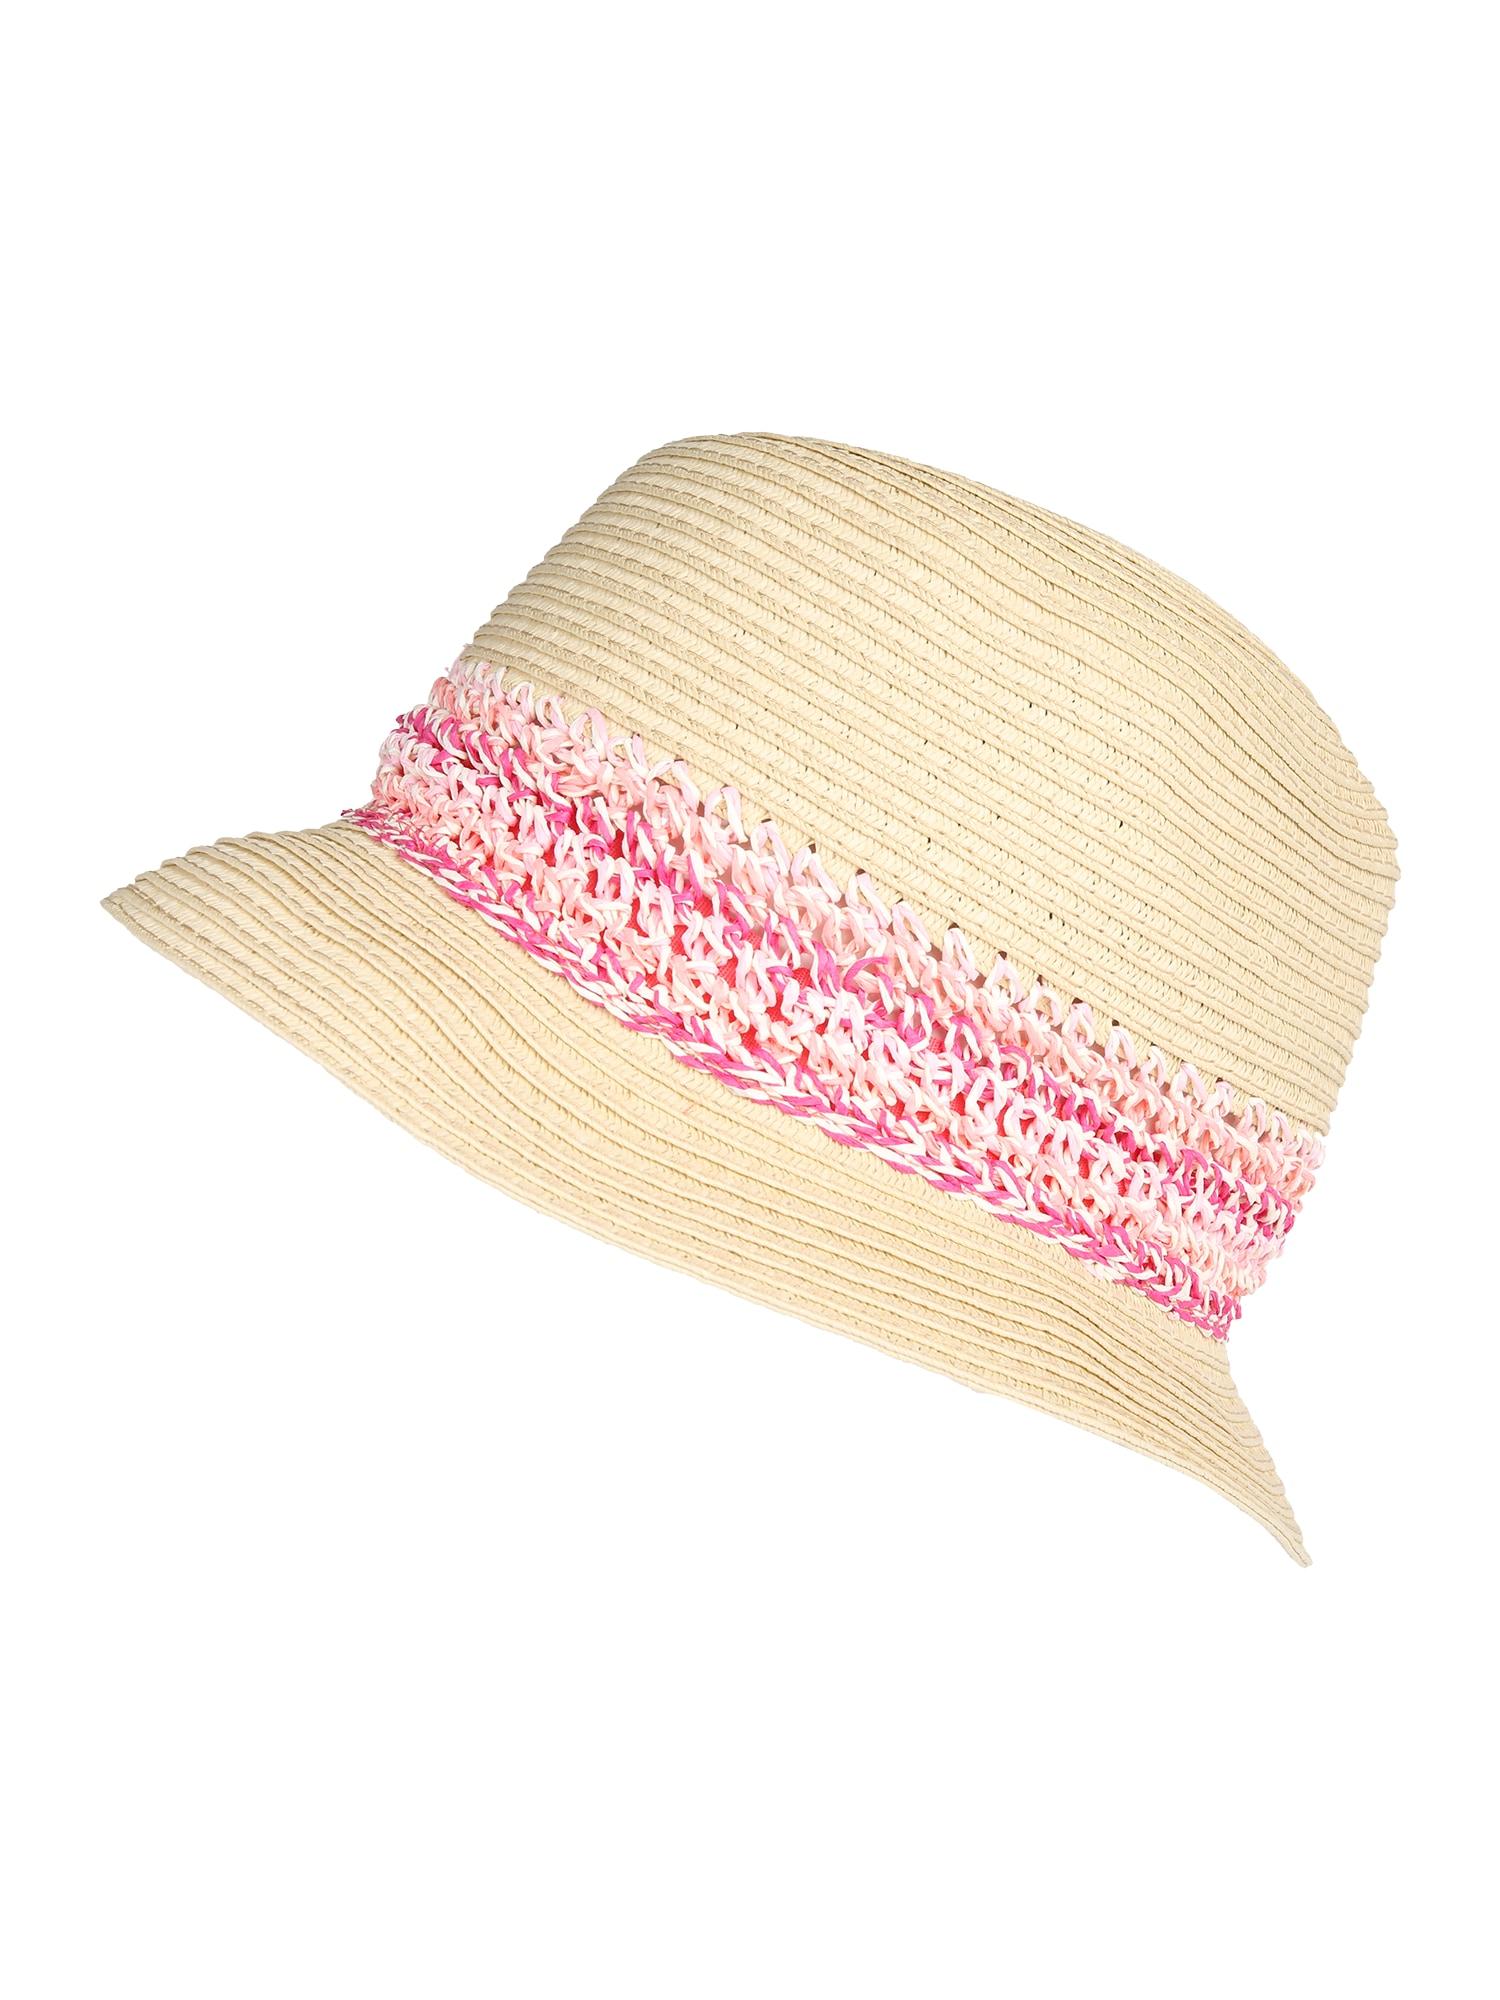 Klobouk CrochStrpTrillb béžová pink ESPRIT